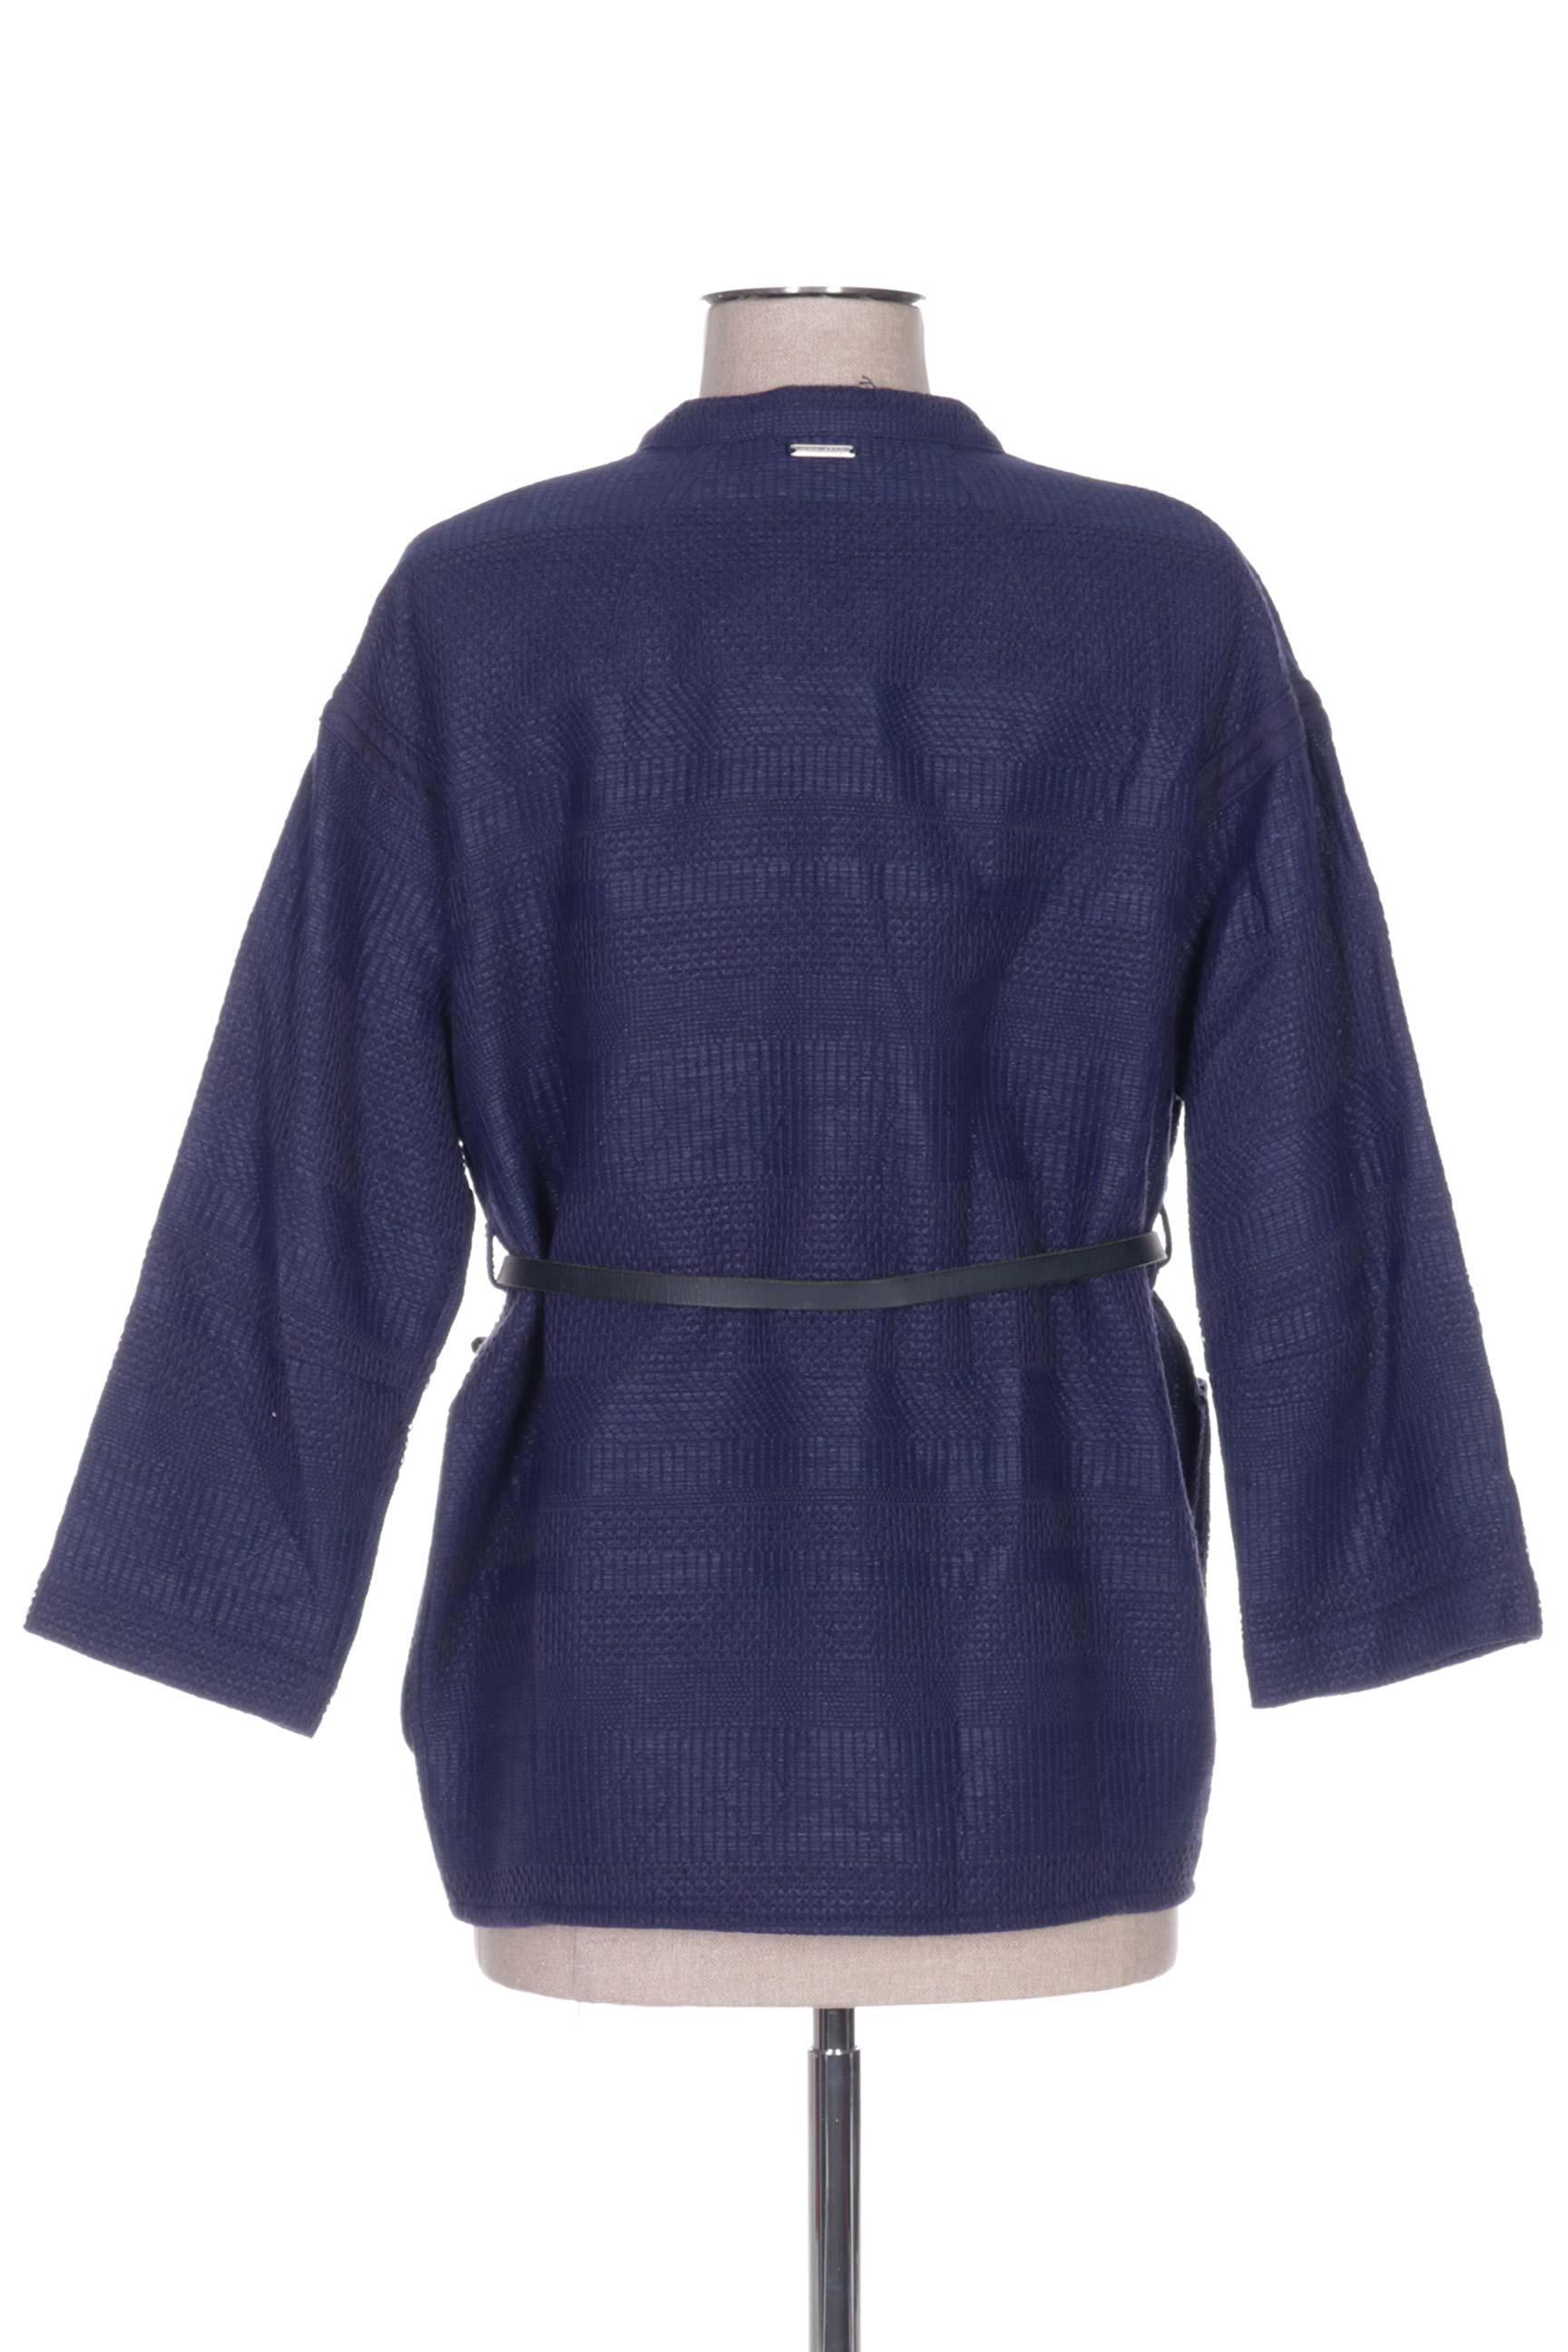 One Step Vestecasual Femme De Couleur Bleu En Soldes Pas Cher 1158721-bleu00